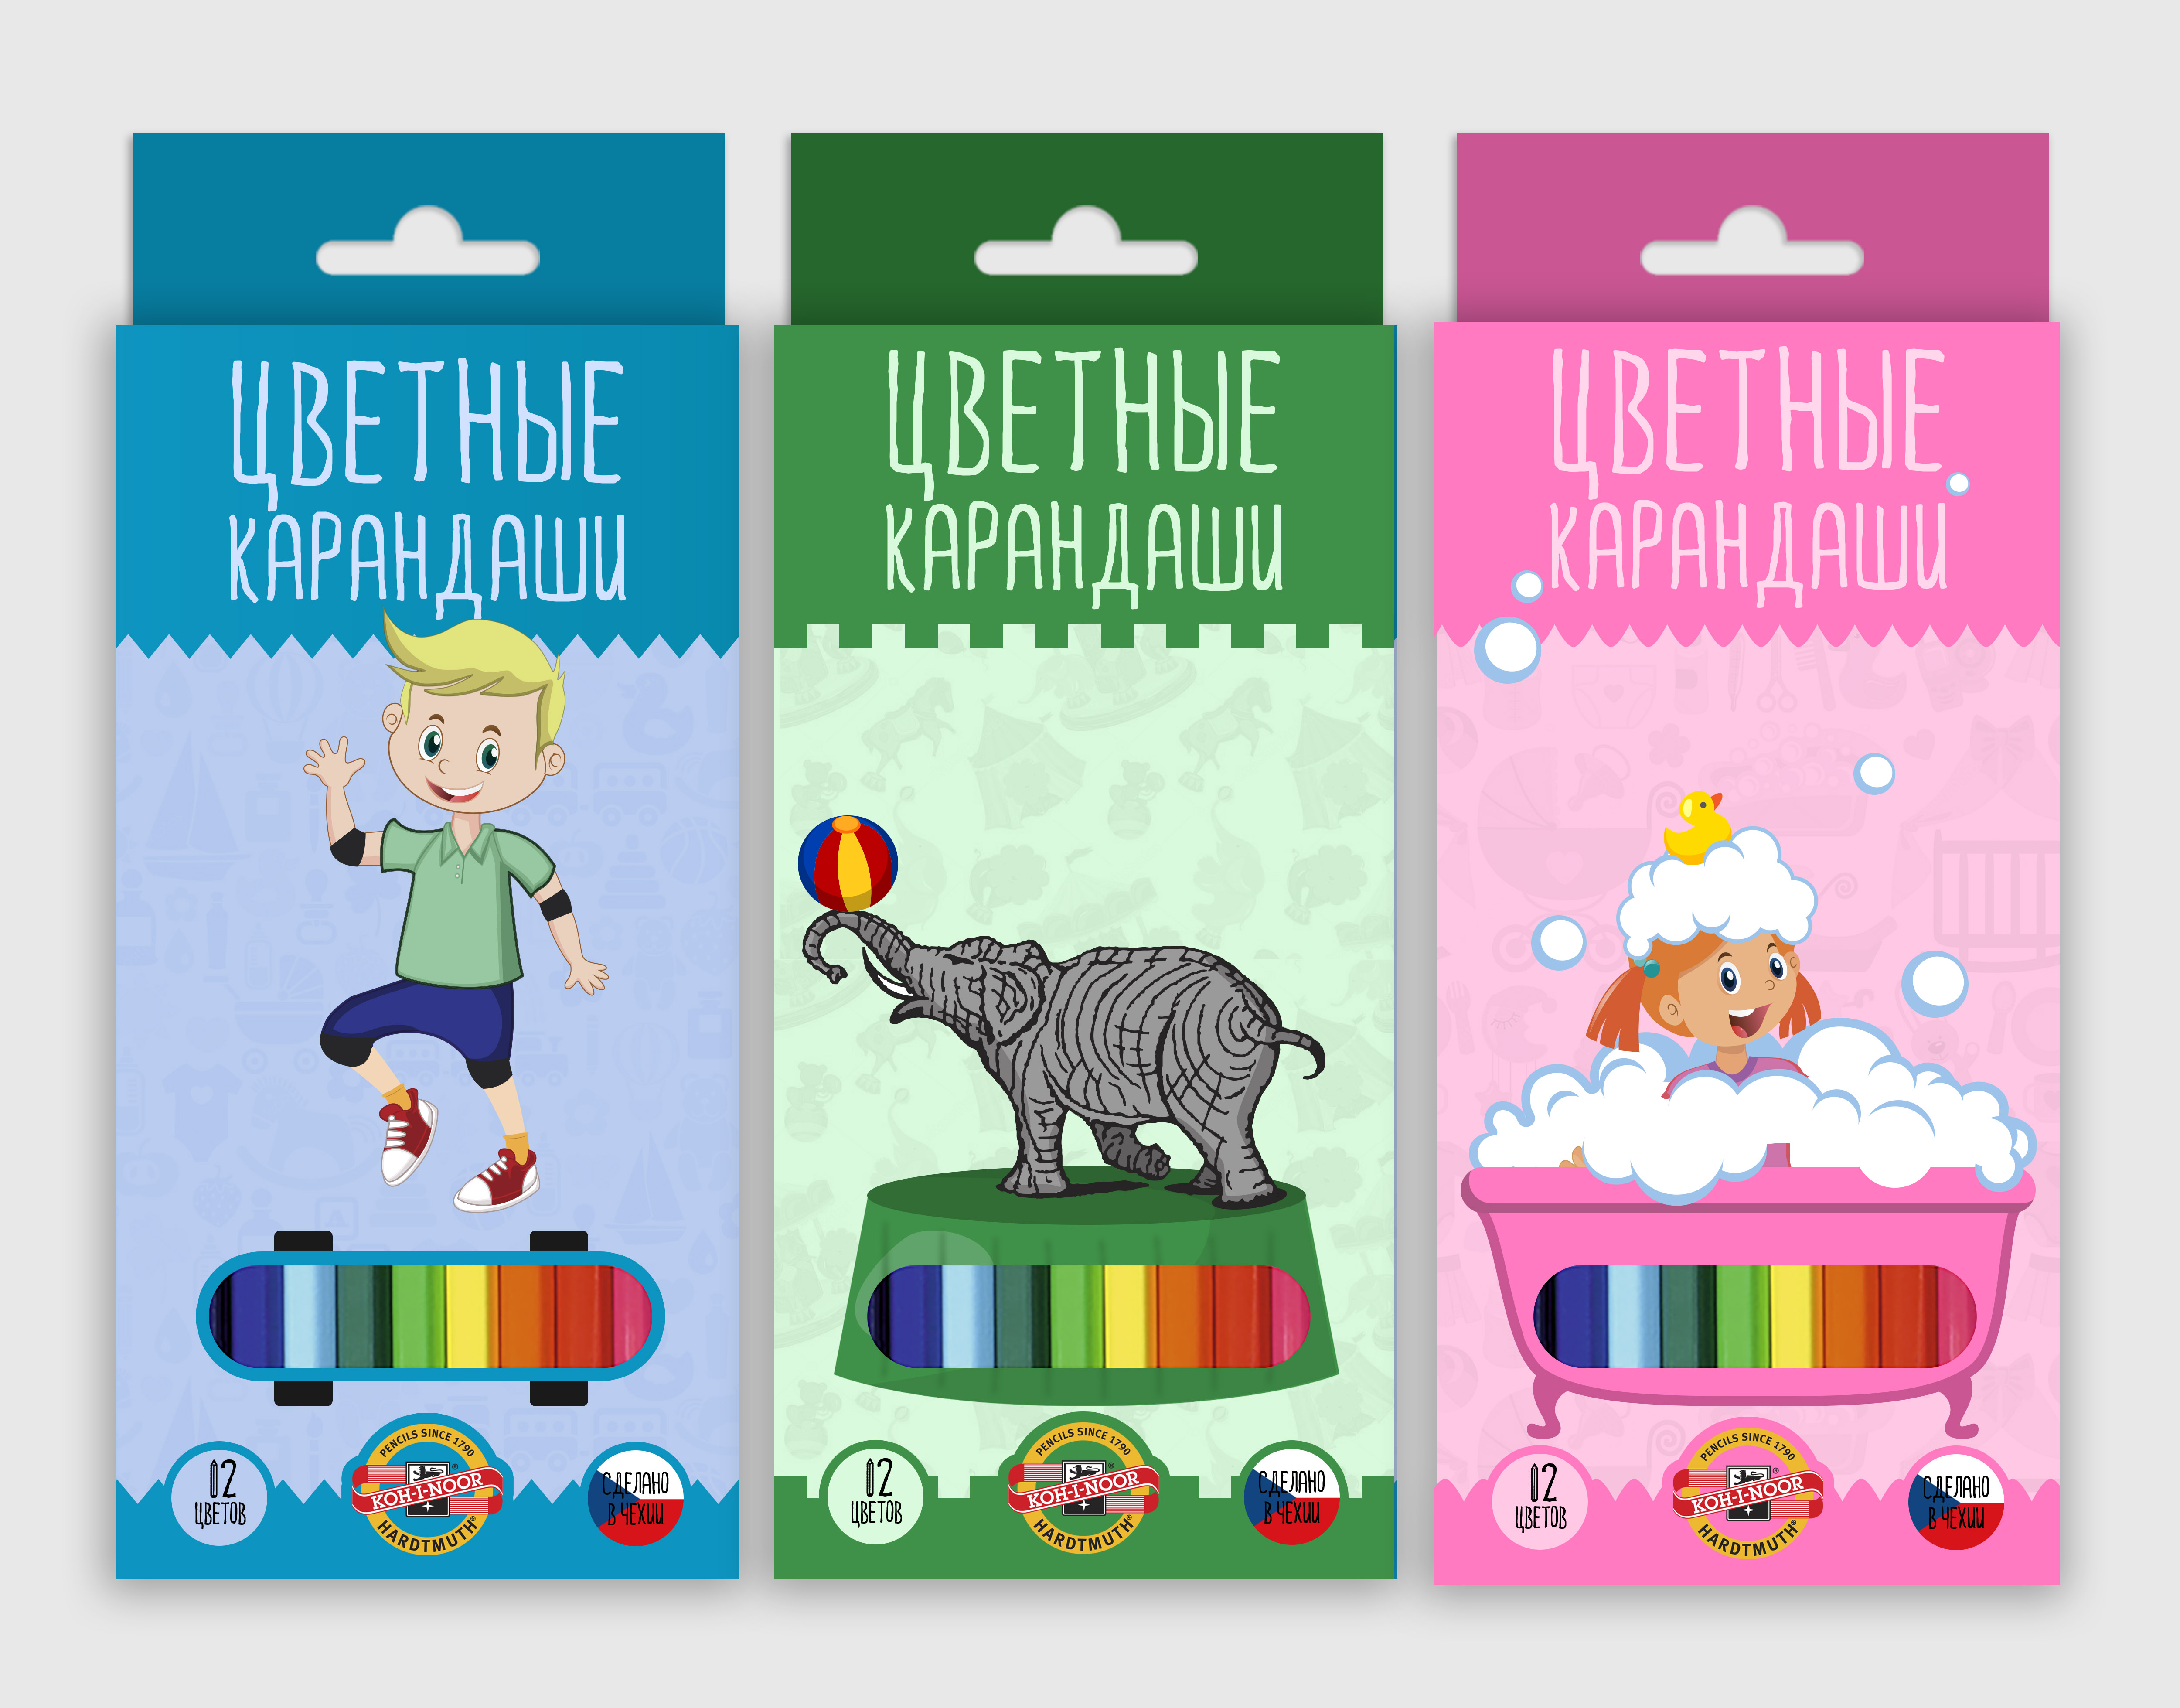 Разработка дизайна упаковки для чешского бренда KOH-I-NOOR фото f_30559ecd87cb6465.jpg